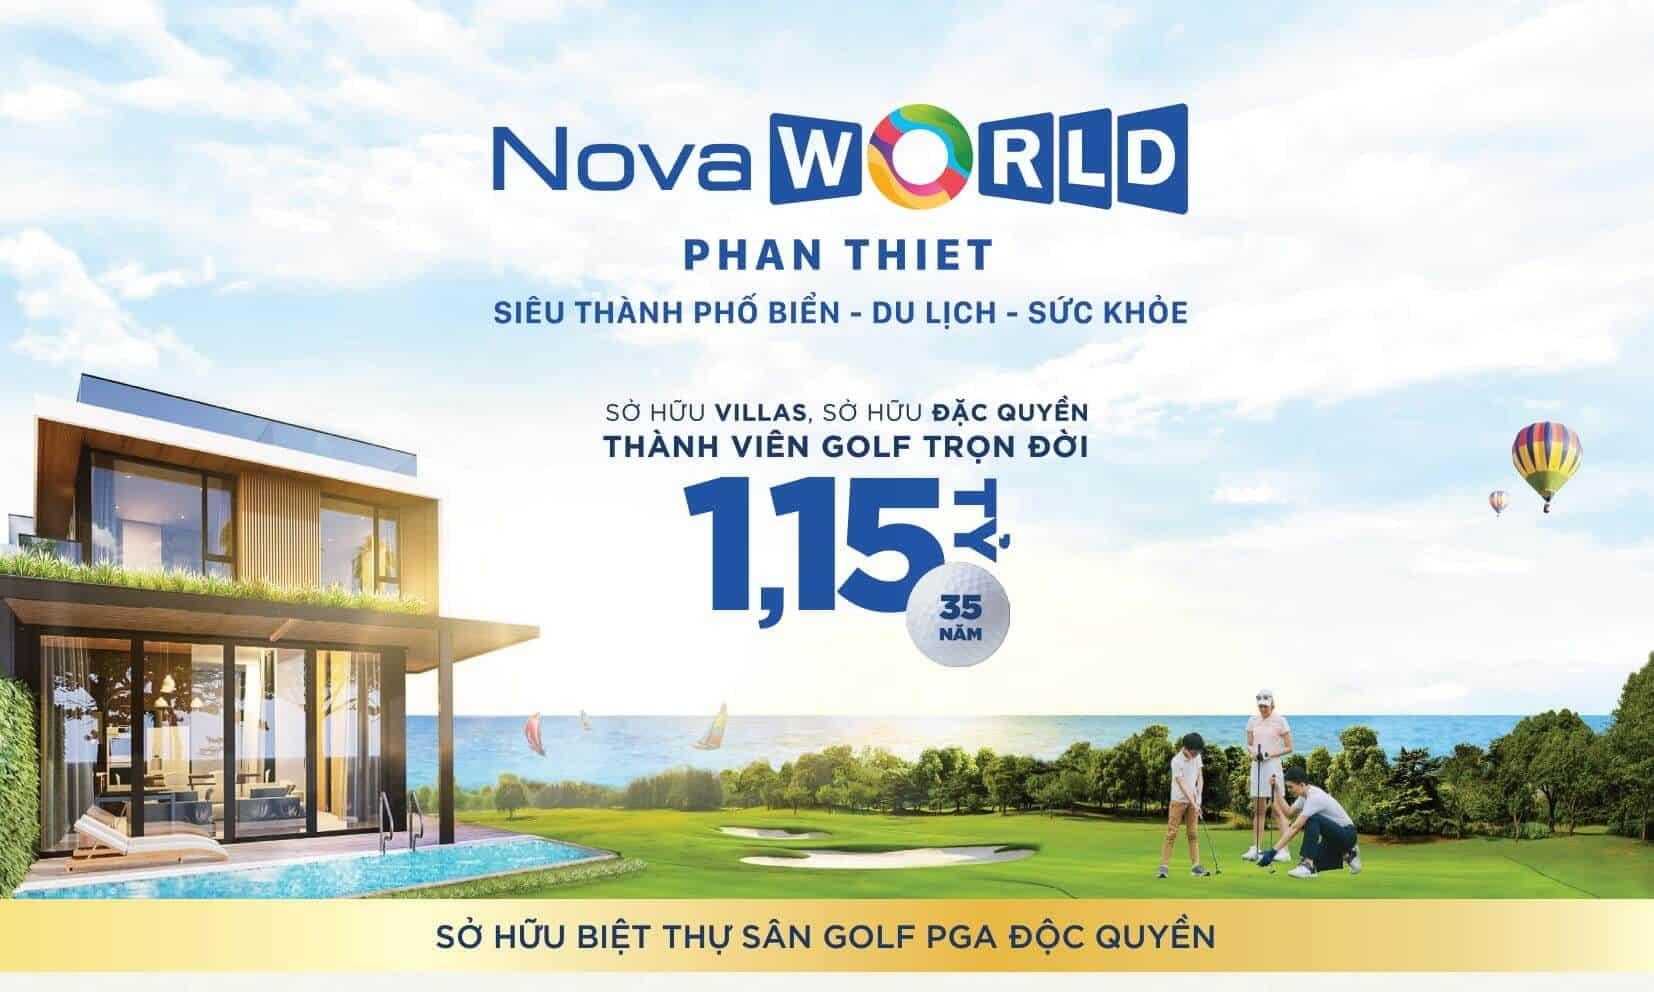 Ưu đãi thẻ member 35 năm sử dụng sân Golf NovaWorld miễn phí